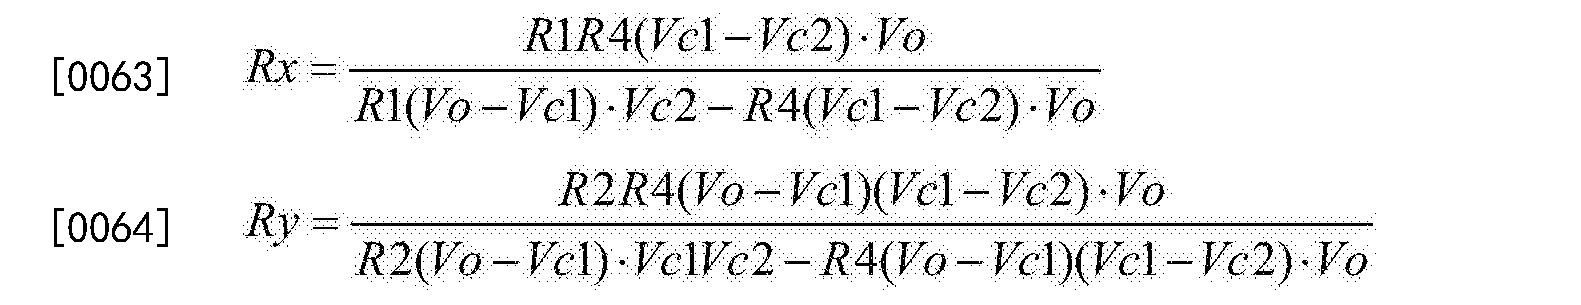 Figure CN106353599BD00084